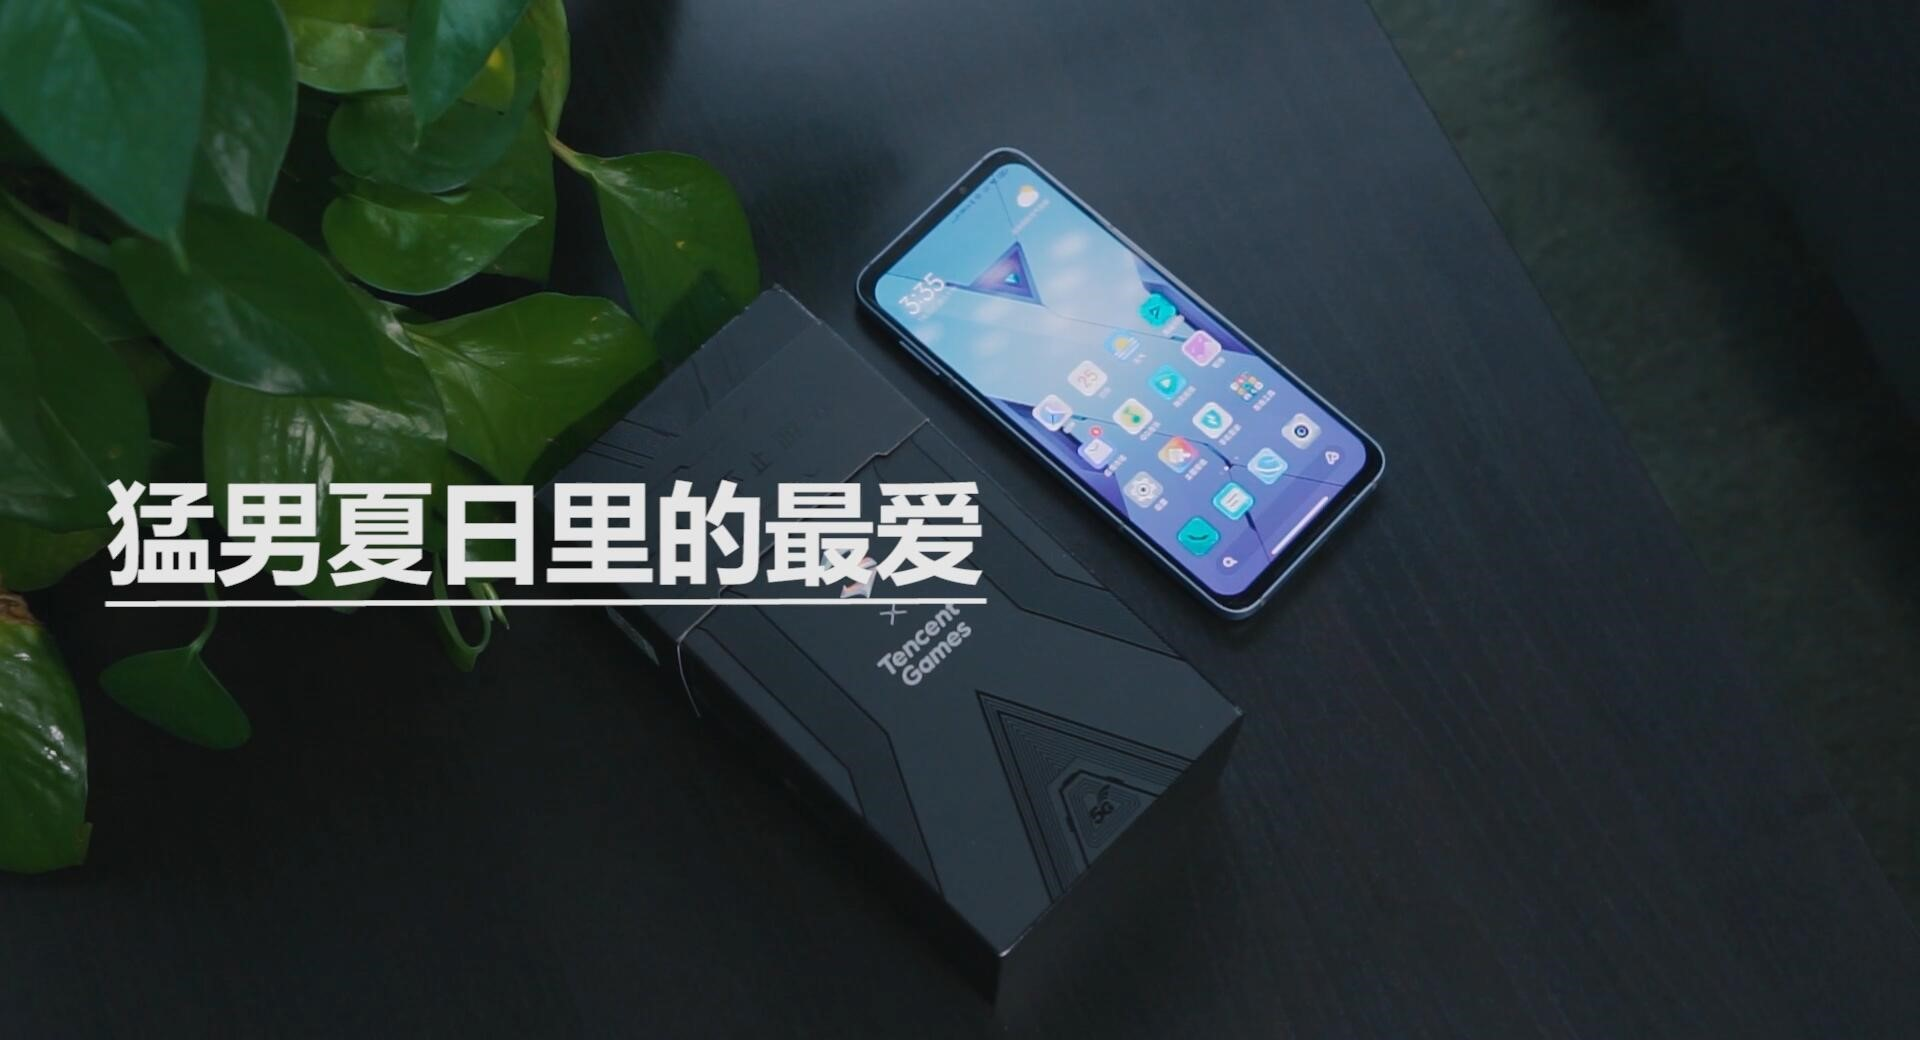 为什么要买一台游戏手机?腾讯黑鲨游戏手机3S:变得更强! | 游茶评测